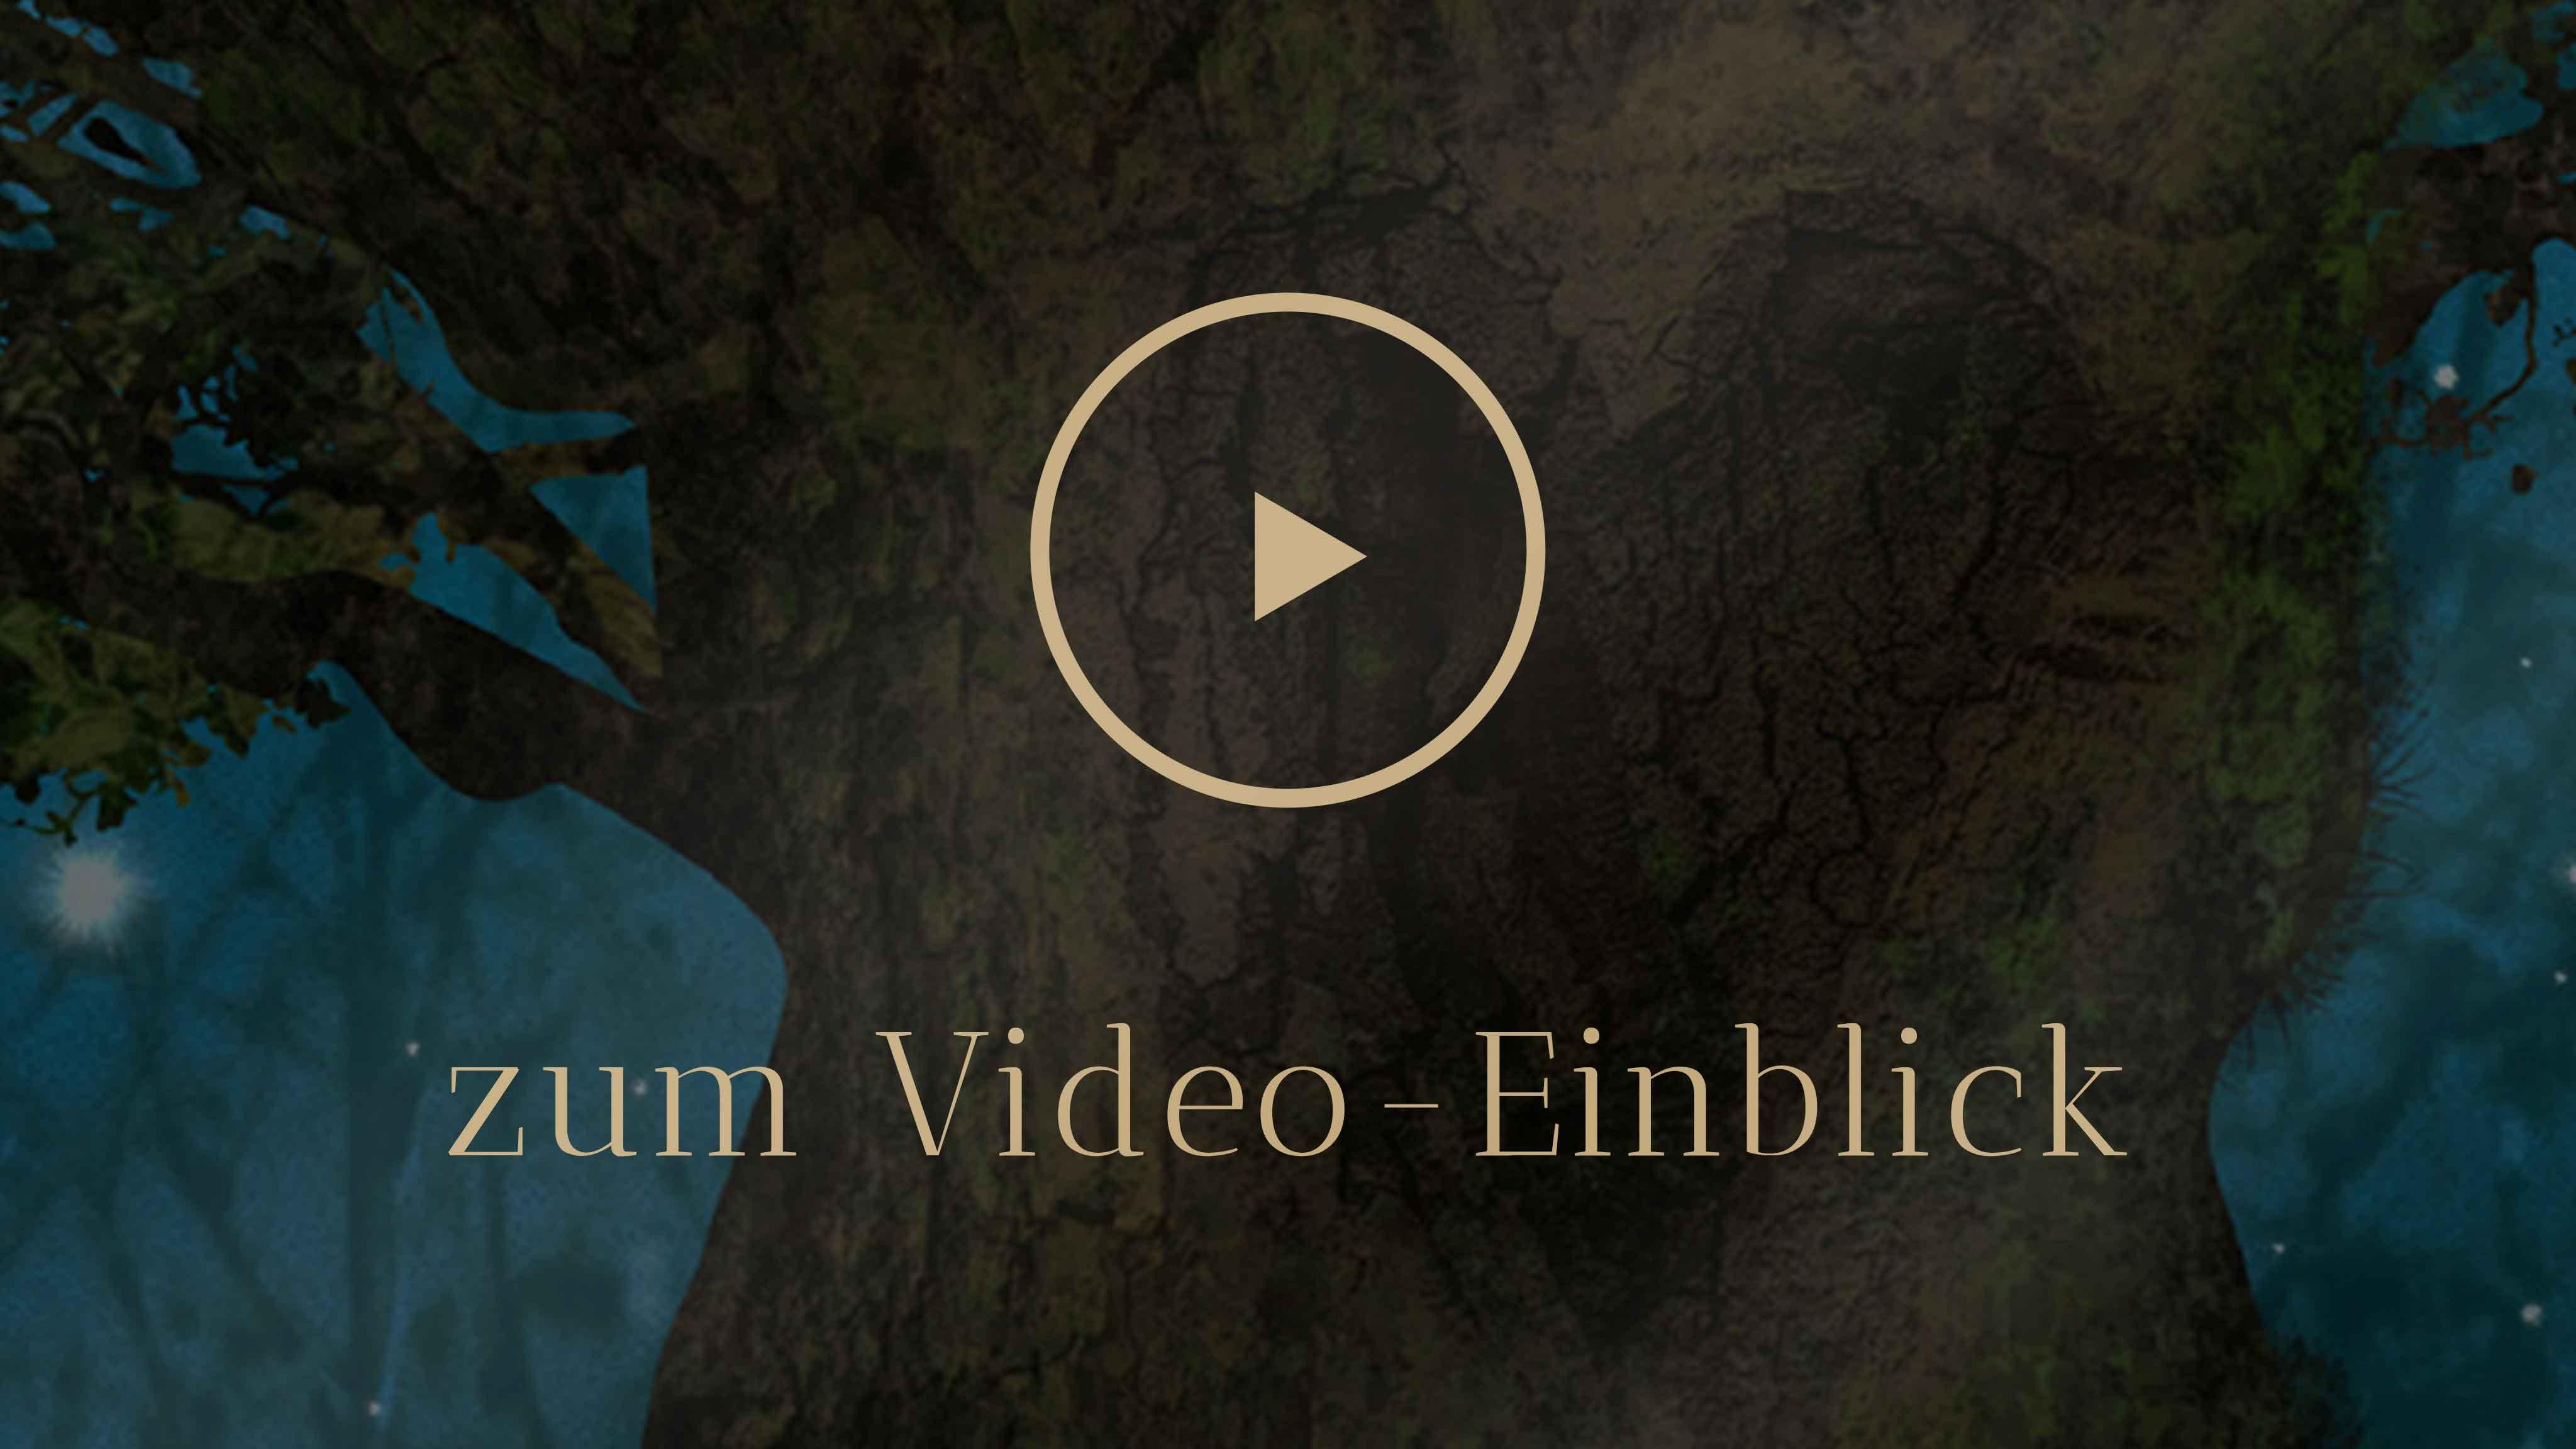 Selbstentdeckung Human Design Liebe & Beziehung Video Einblick